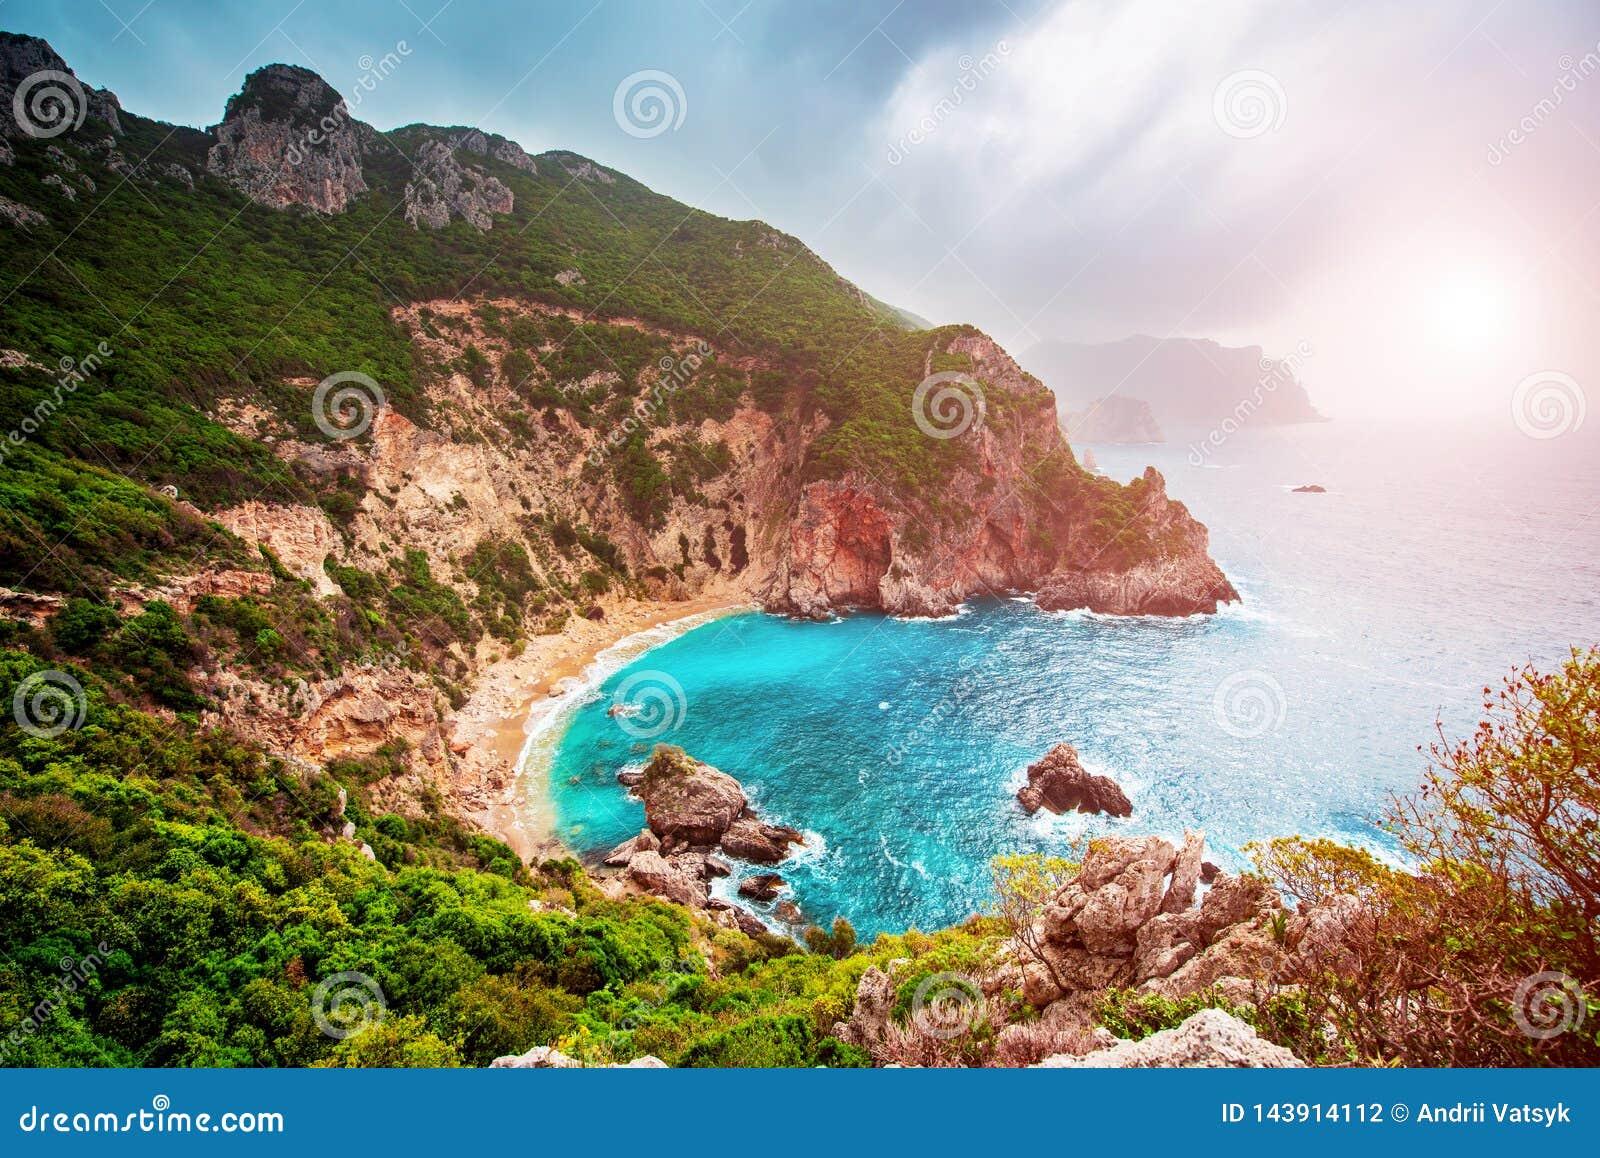 Beautiful Magic Sea Landscape with Gyali Beach in Corfu, Greece ...